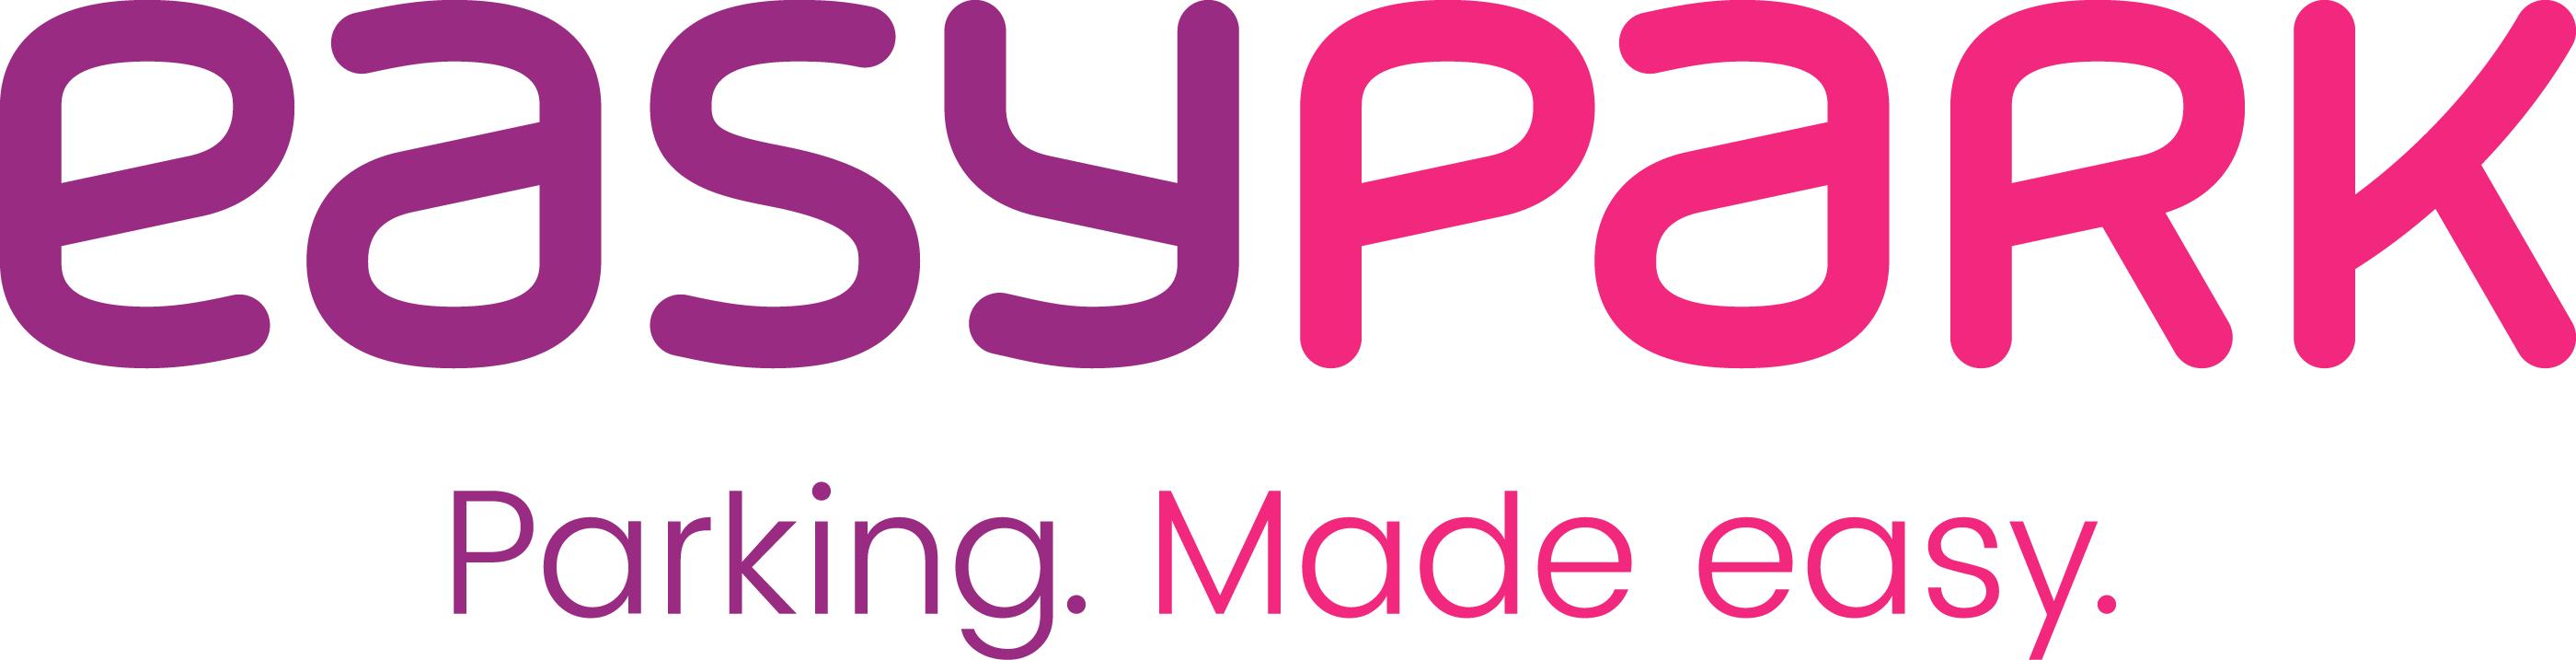 Gratis €3 EasyPark tegoed (nieuwe gebruikers) @ PayPal